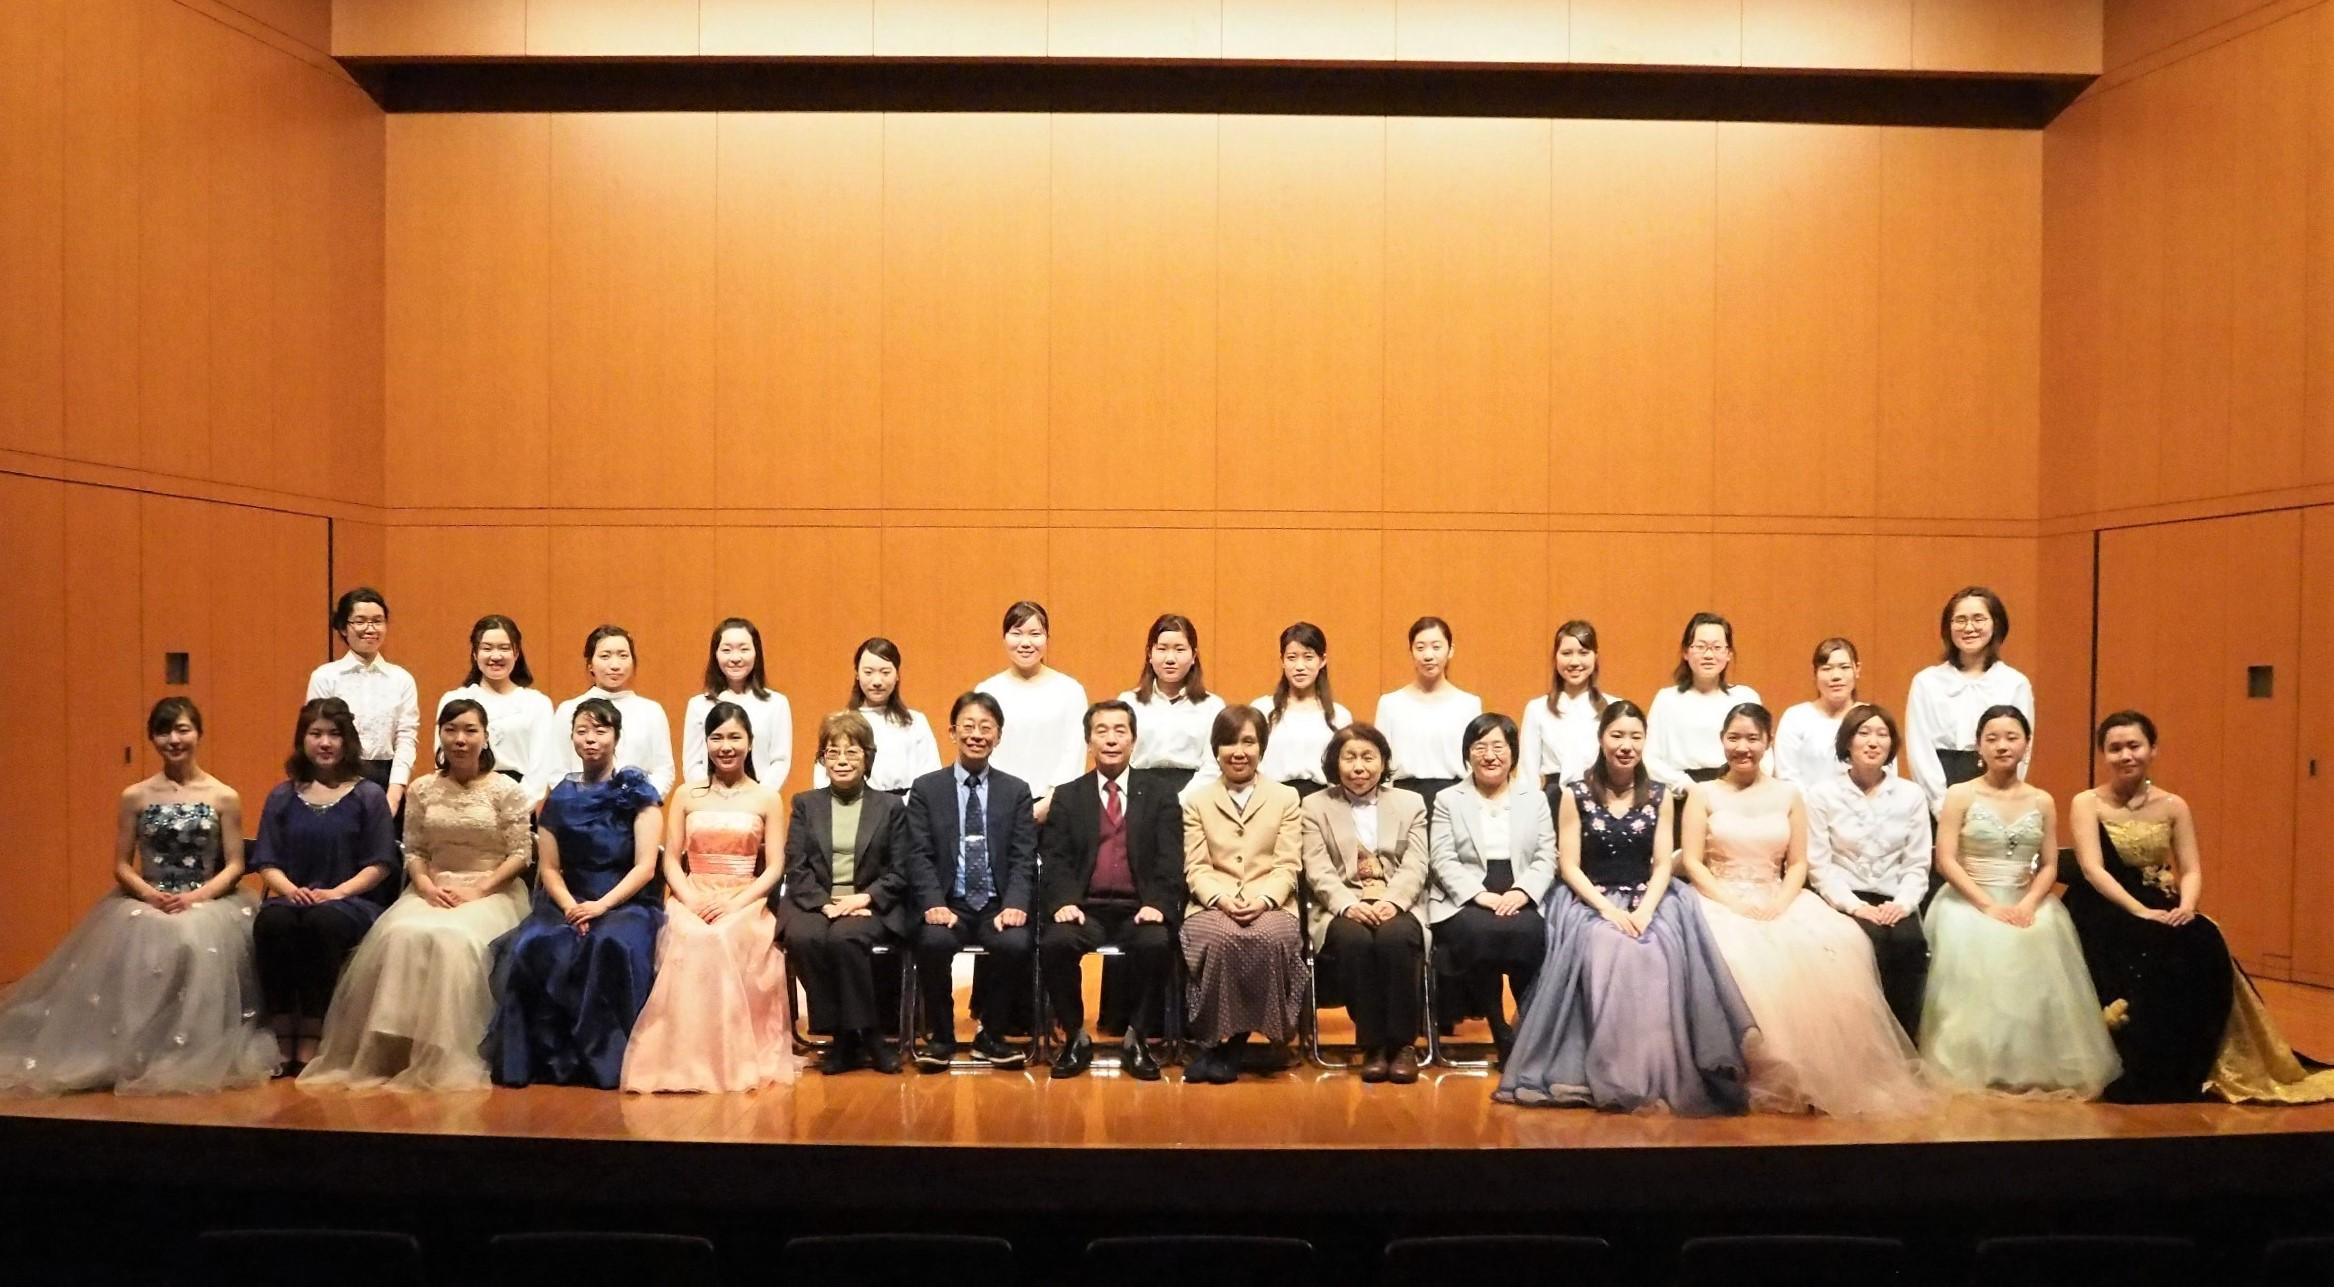 音楽教員養成コースの第11回定期演奏会が開催されました